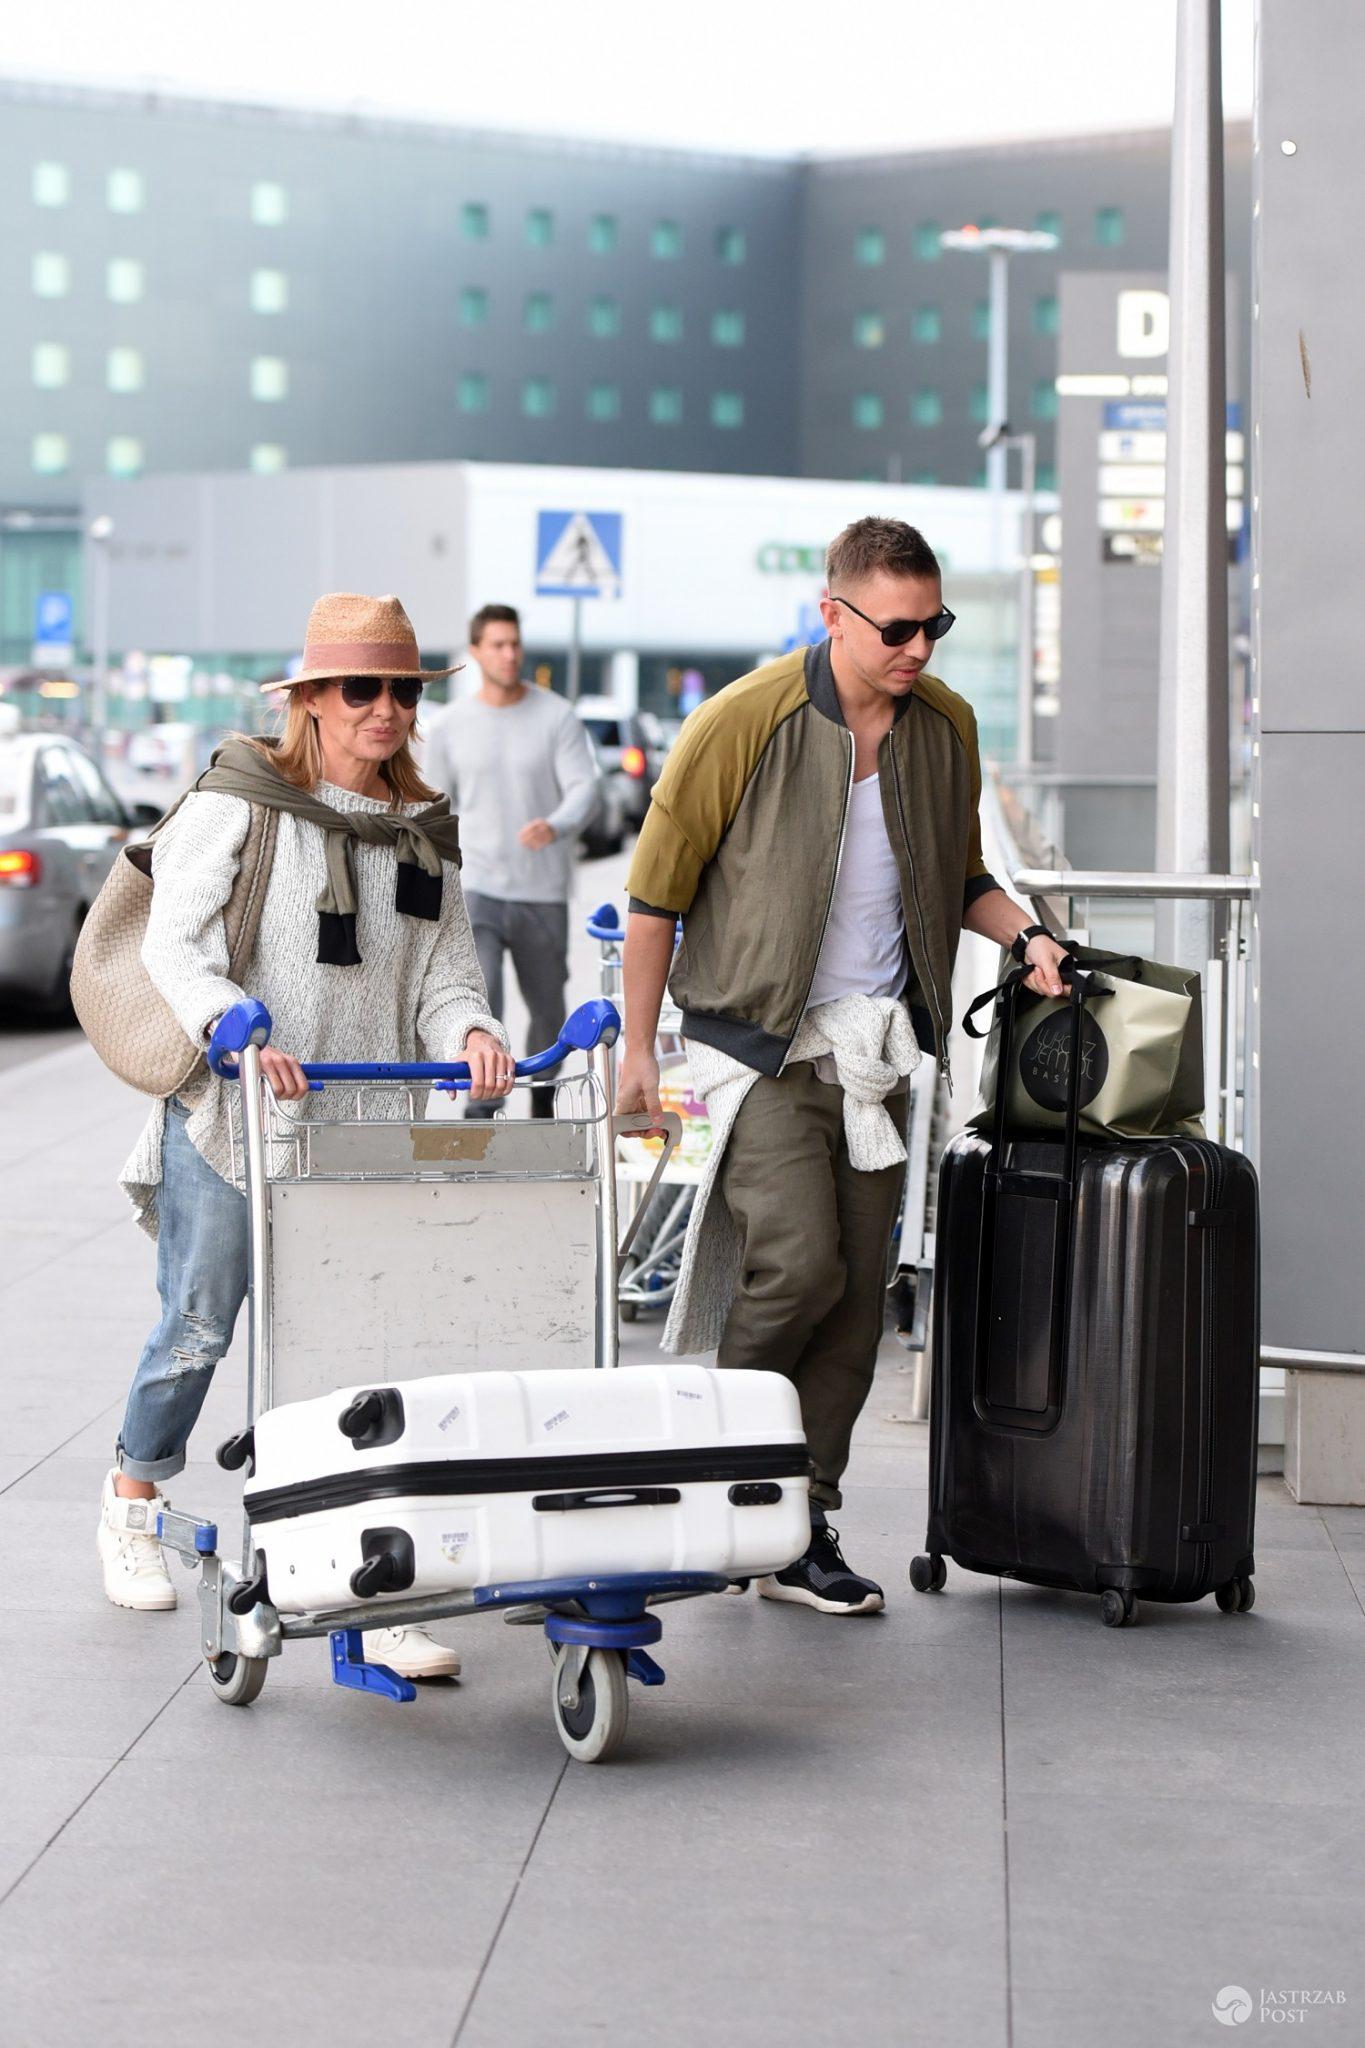 Gwiazdy Azja Express przed wylotem do Azji - Hanna Lis i Łukasz Jemioł